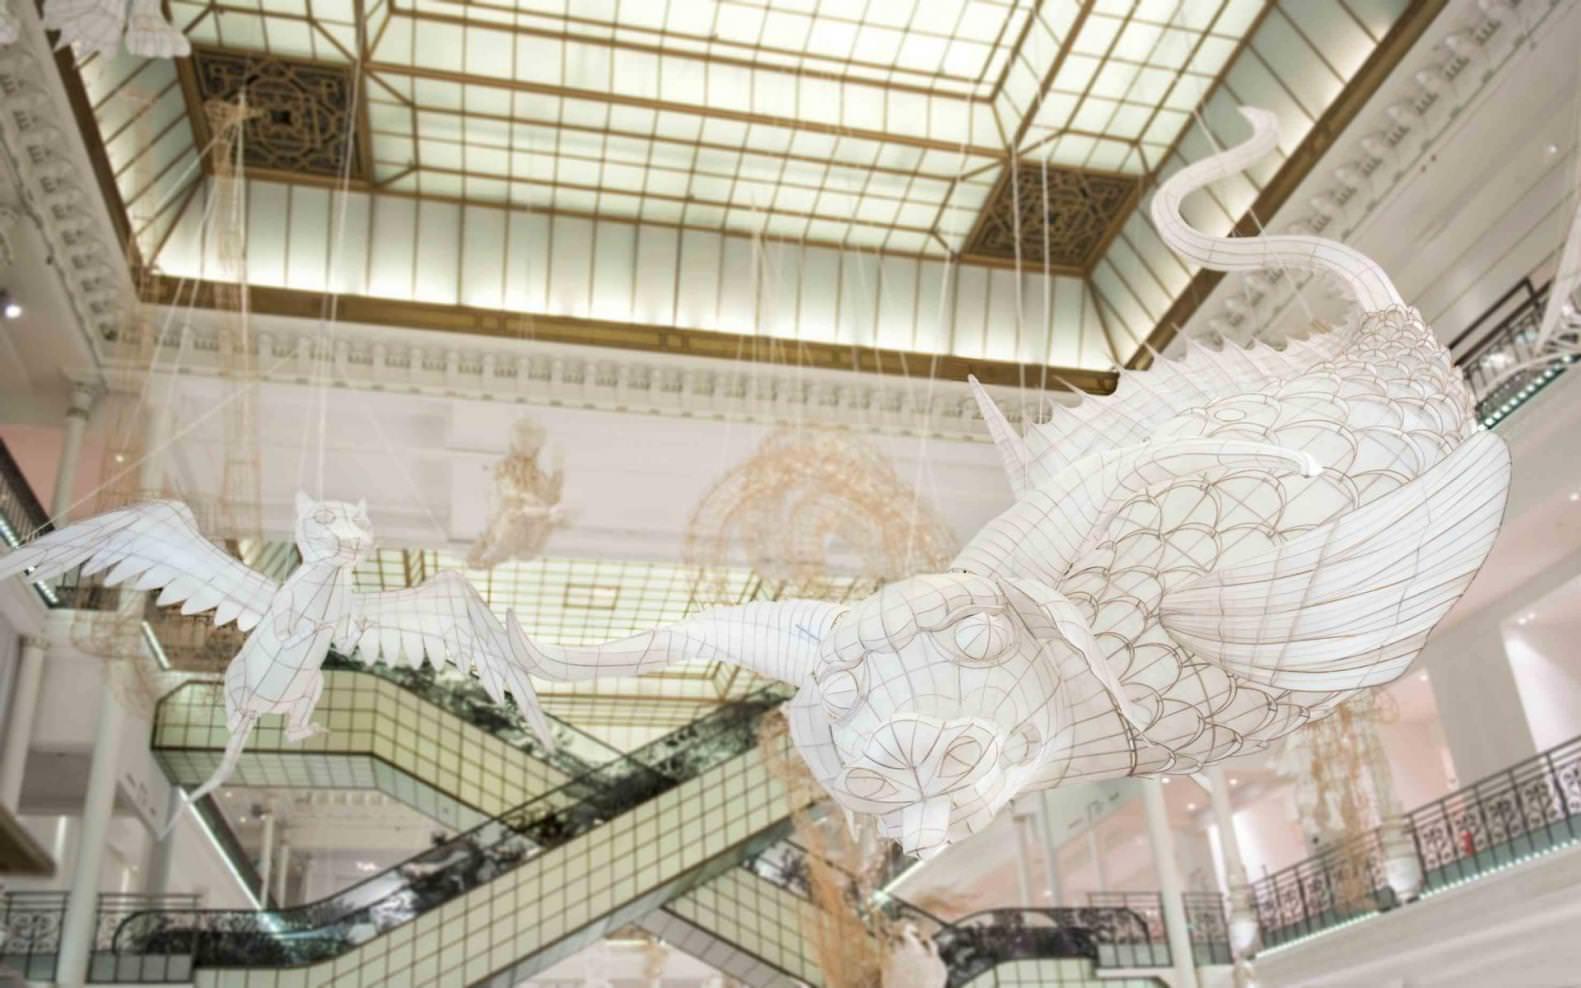 Pour son exposition au Bon Marché Rive Gauche, l'artiste chinois Ai Weiwei s'est inspiré du plus célèbre livre de mythologie chinoise, le Shanhaijing, écrit entre le – IIIe et le IIIe siècle avant J.-C. © Gabriel de la Chapelle